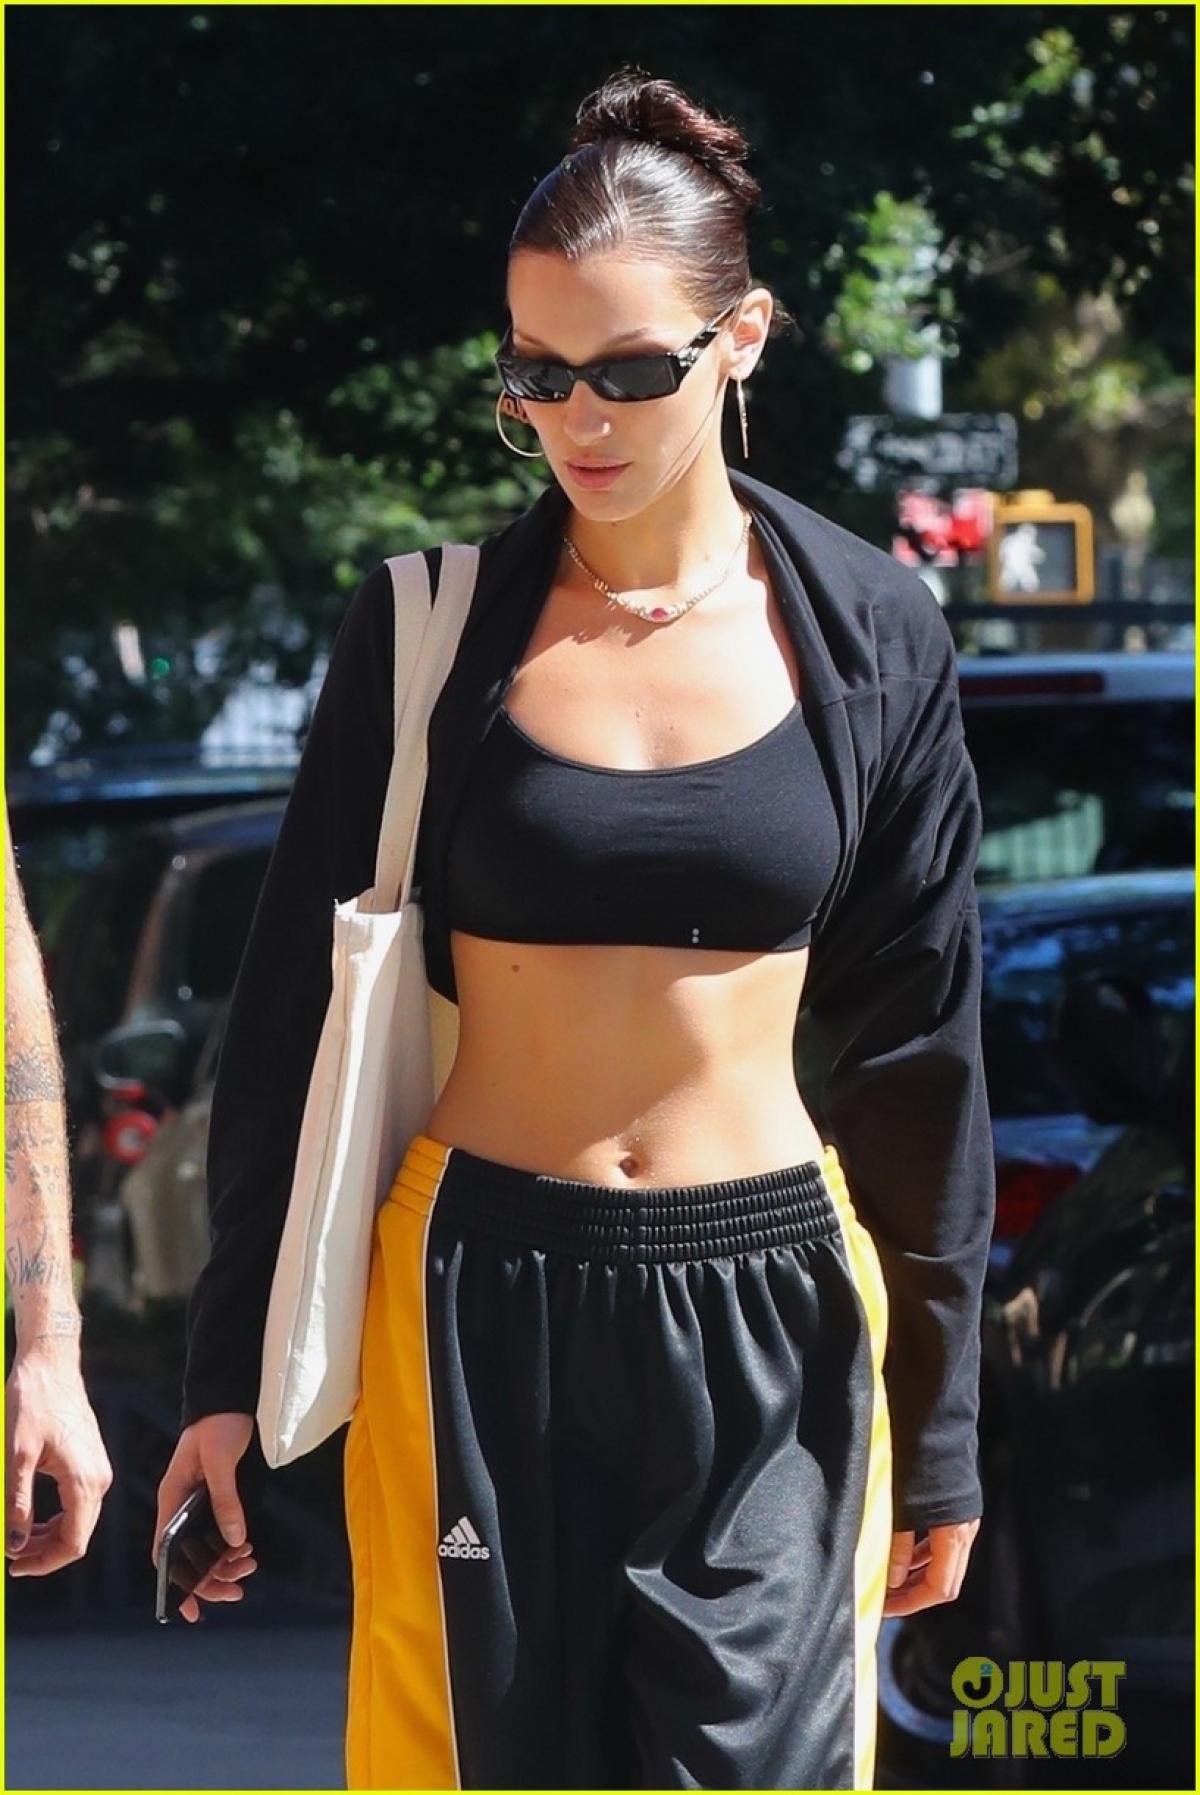 Người mẫu Mỹ diện set đồ thể thao, khoe vòng eo săn chắc và body quyến rũ.